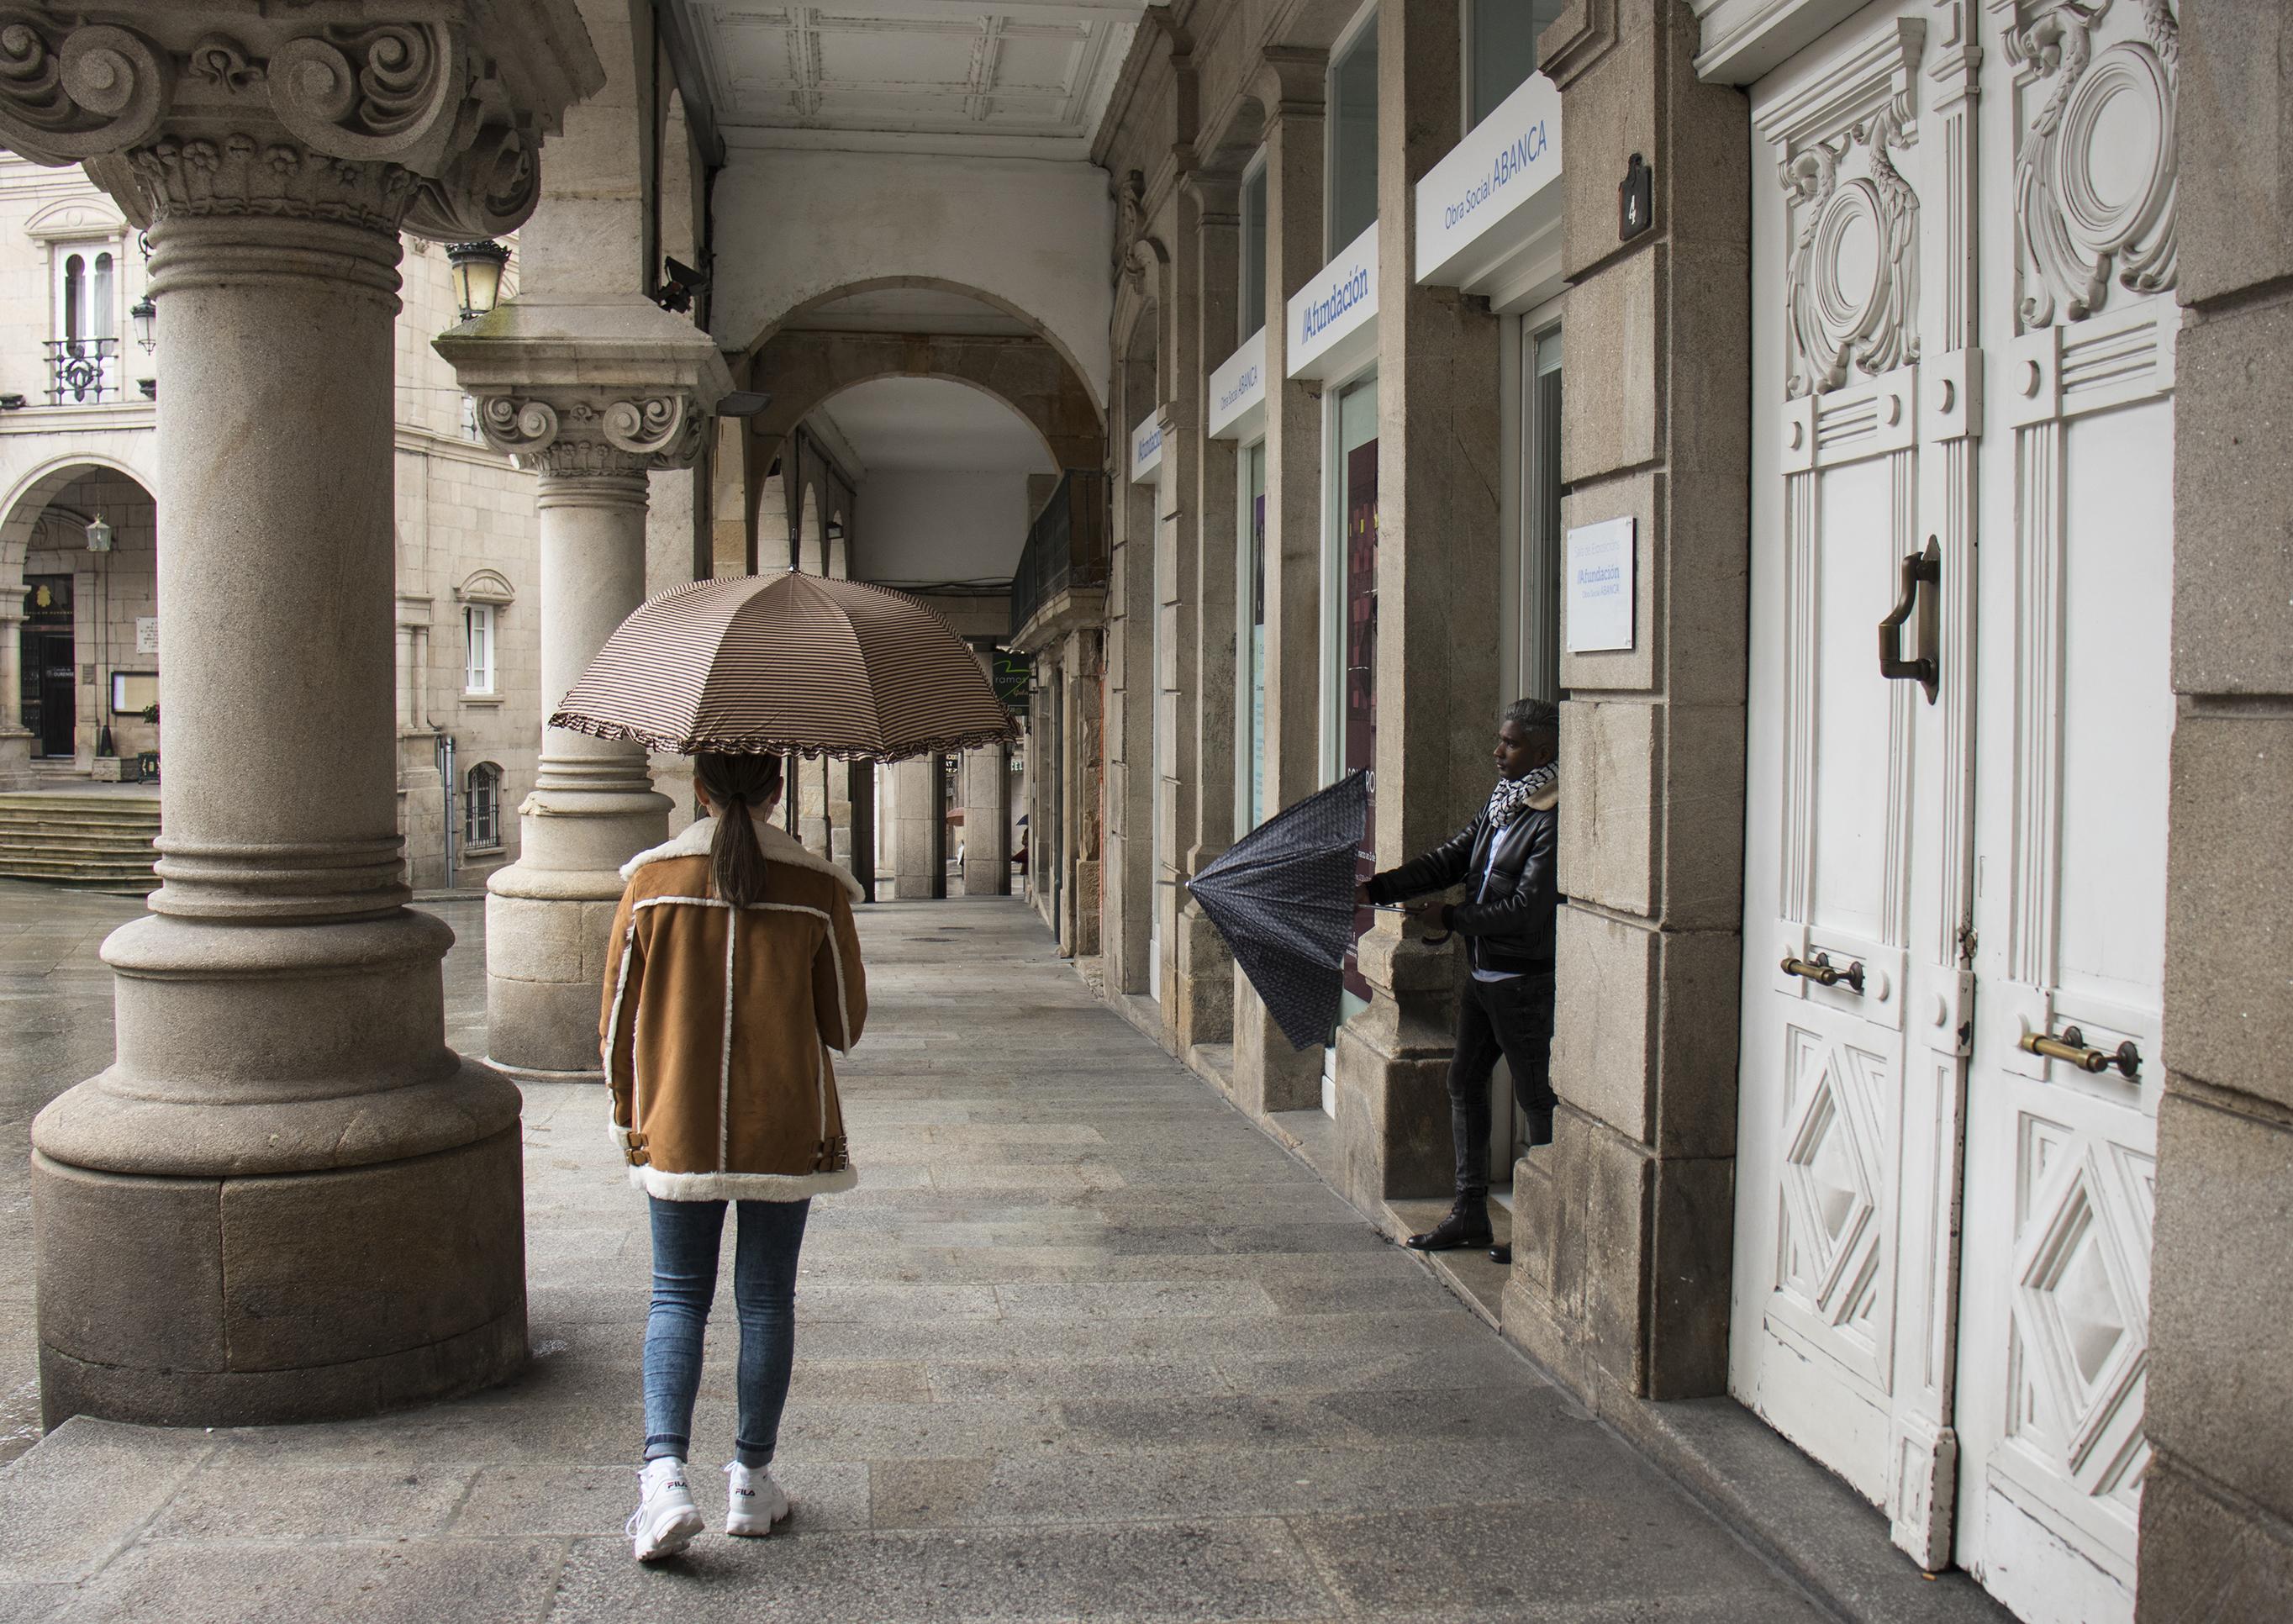 Paraguas marrón y negro estampado